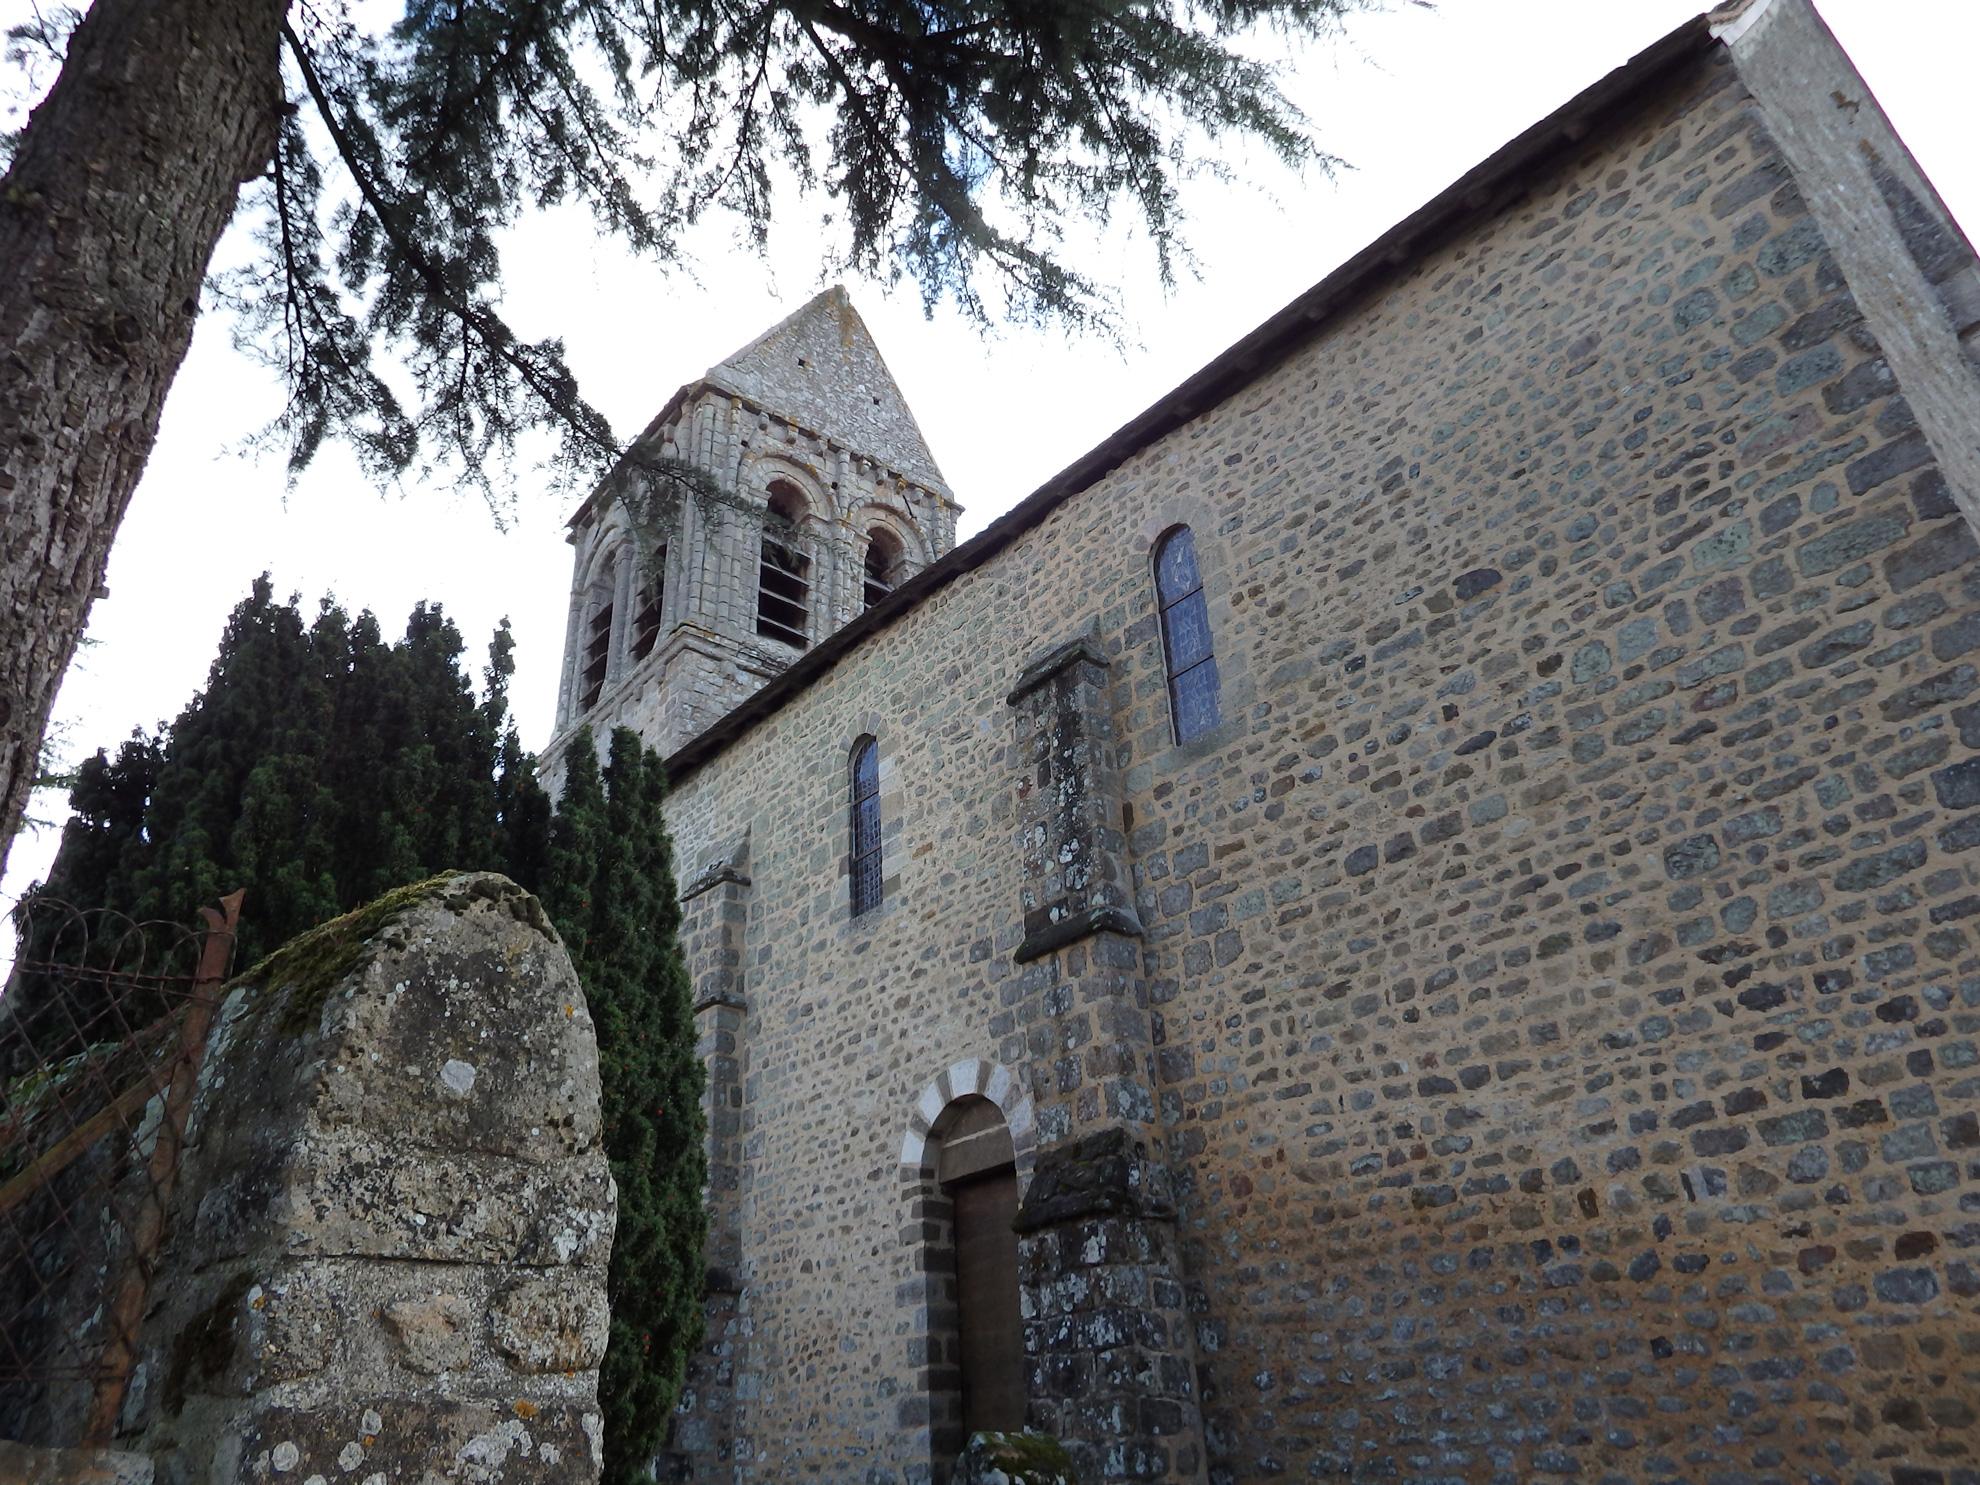 Vue de l'église de Saint-Céneri-le-Gerei